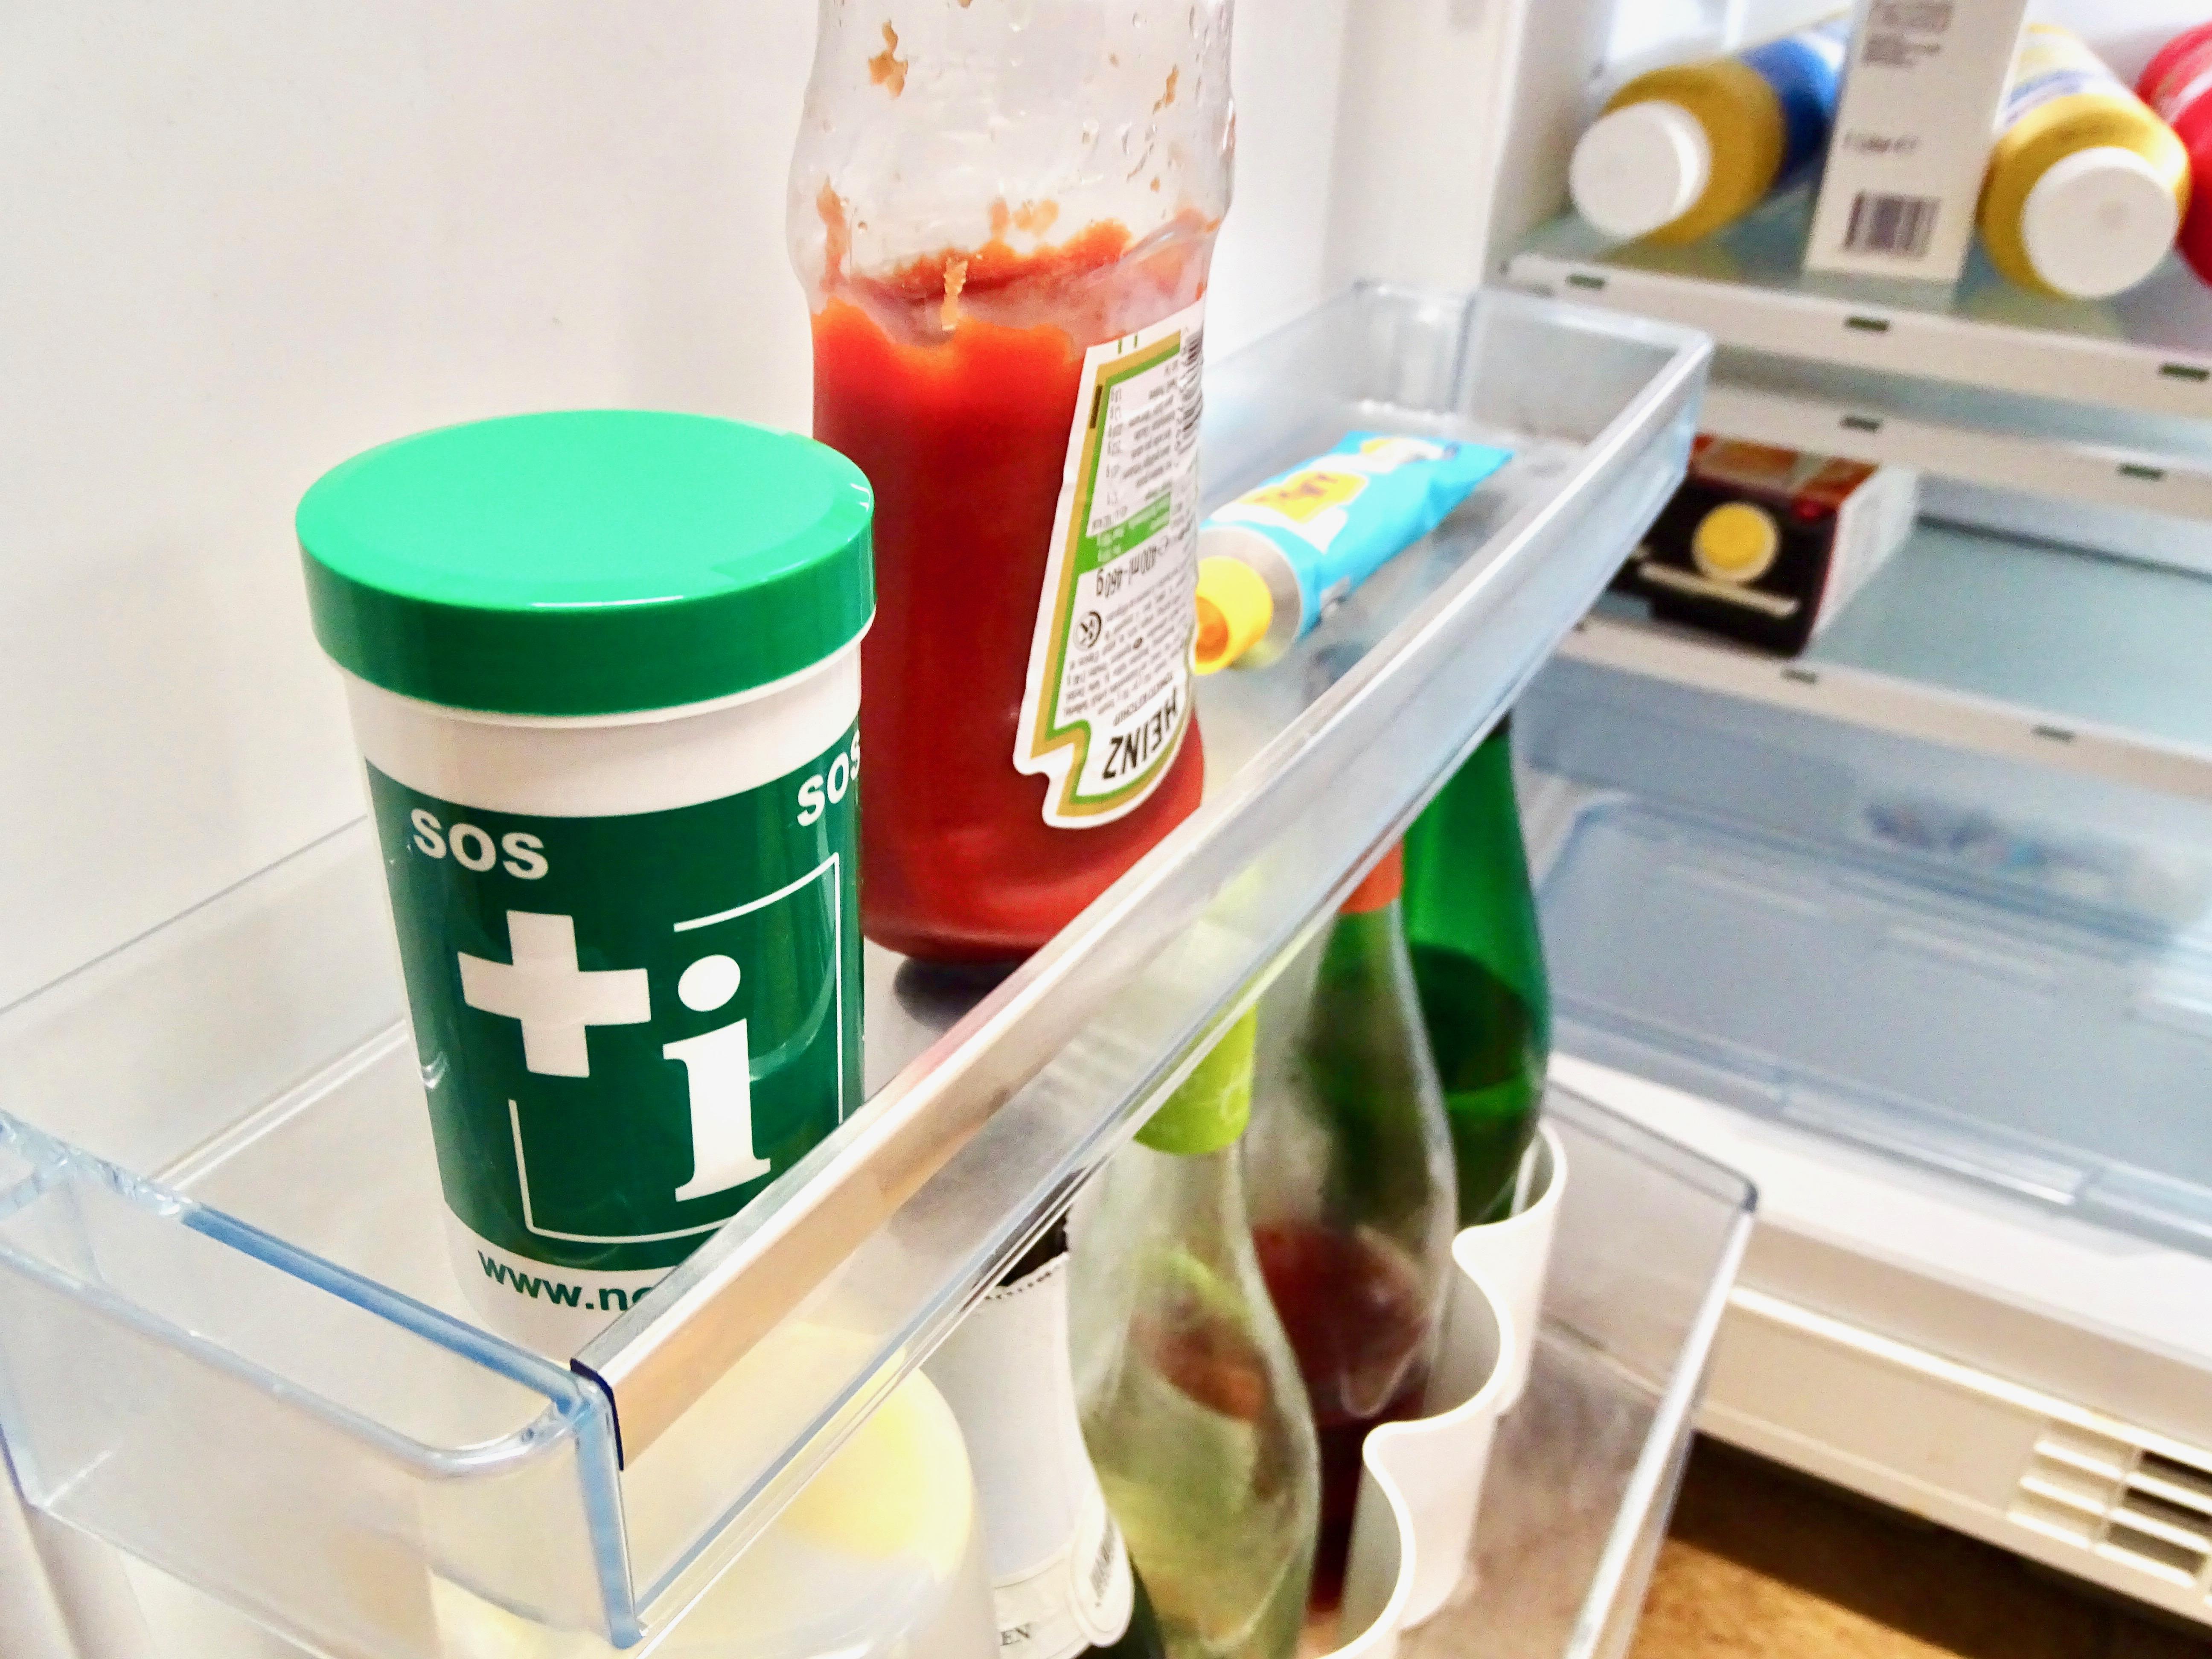 Kühlschrank Dose : Mini kühlschrank voller flaschen und dosen bier isoliert auf weiß